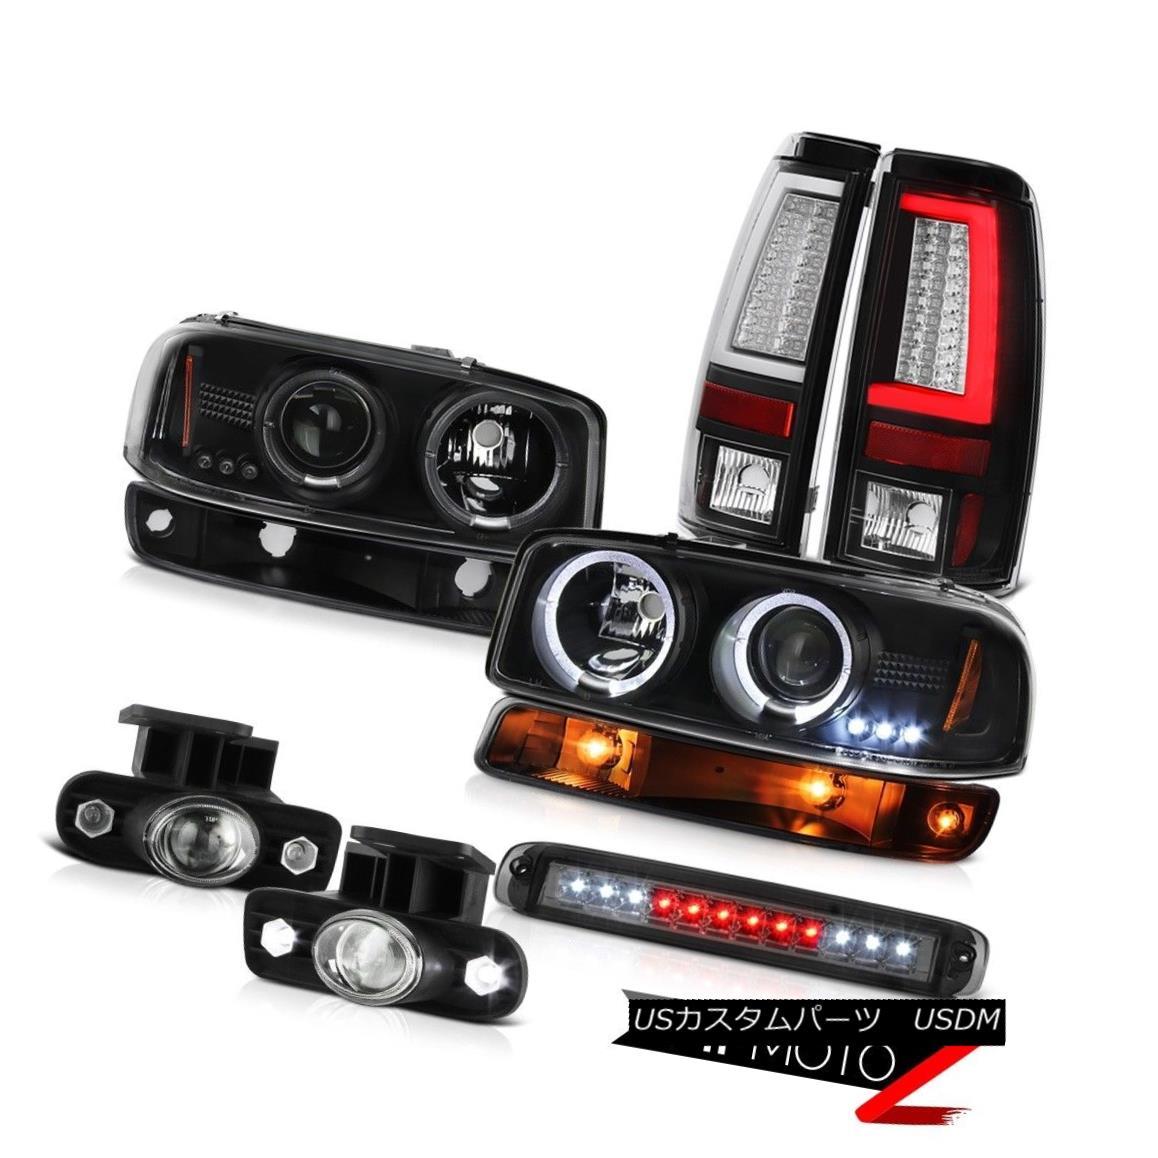 テールライト 99-02 Sierra 3500HD Taillamps Roof Cab Lamp Bumper Foglamps Headlights Dual Halo 99-02 Sierra 3500HDタイルランプルーフキャブランプバンパーフォグランプヘッドライトデュアルヘイロー